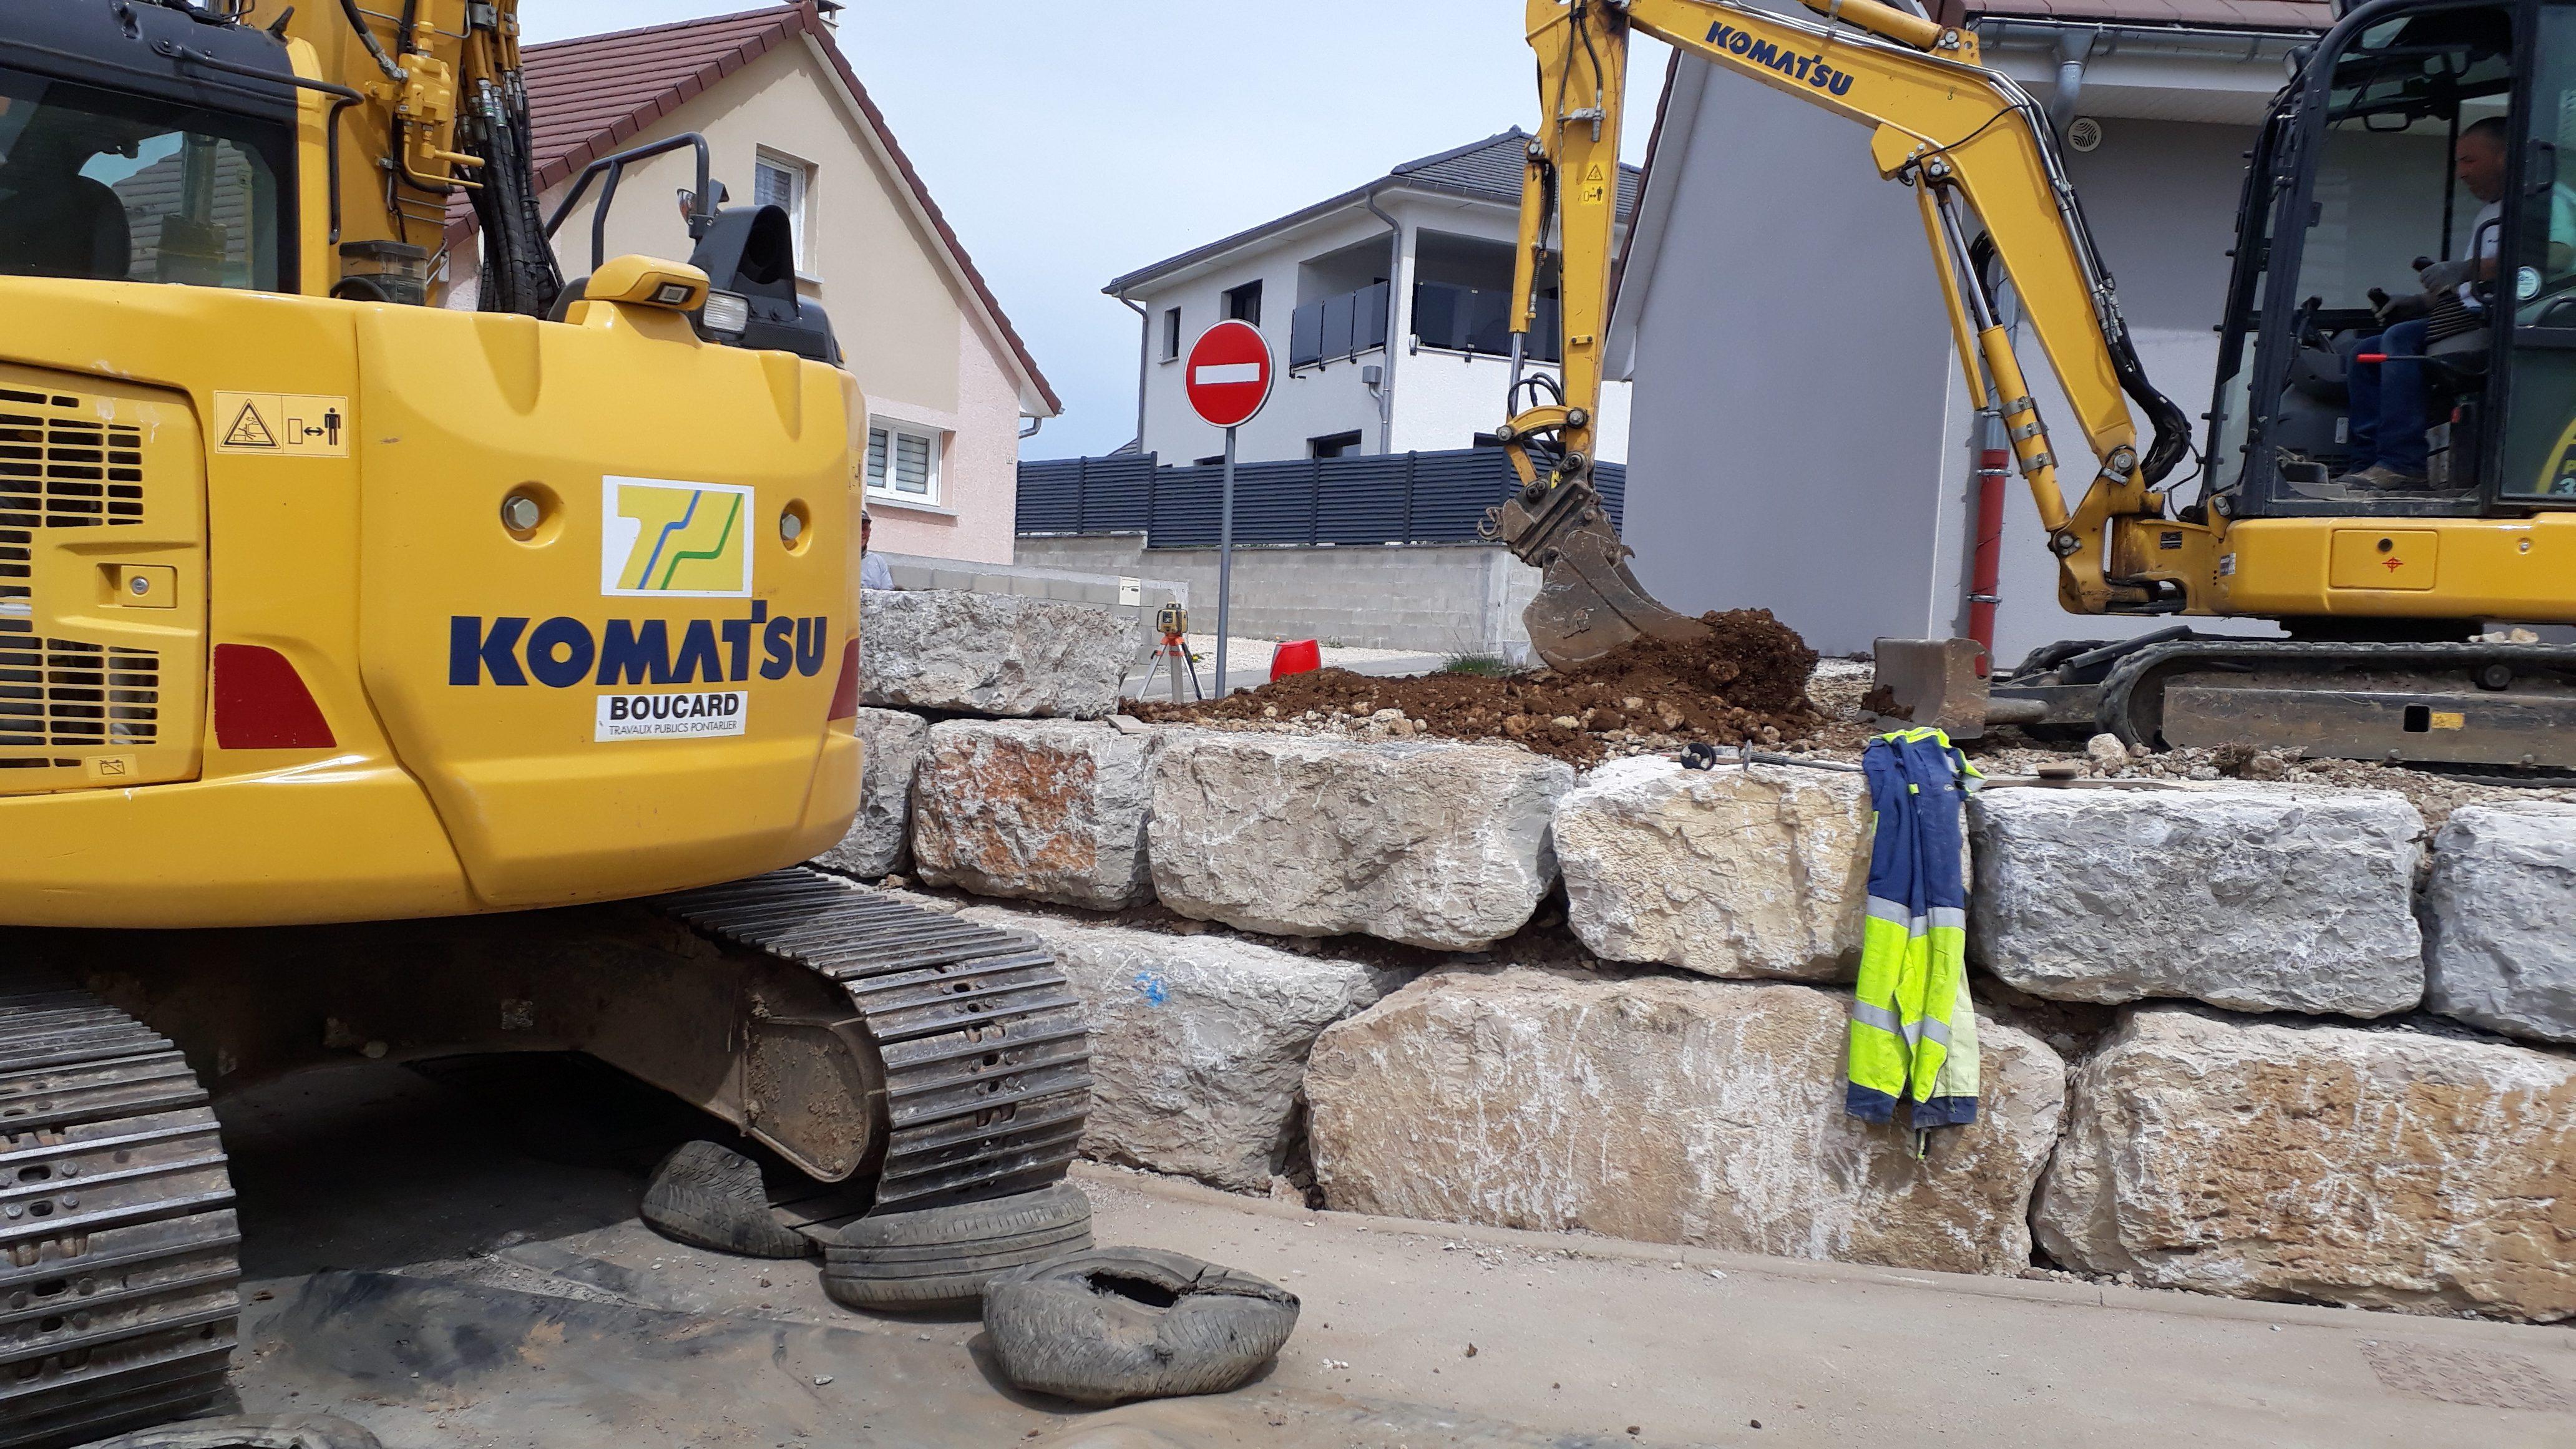 enrochement-mur-beton-terrasse-exterieur-maison-travaux-publics-TP-pontarlier-doubs-franche-comte-08